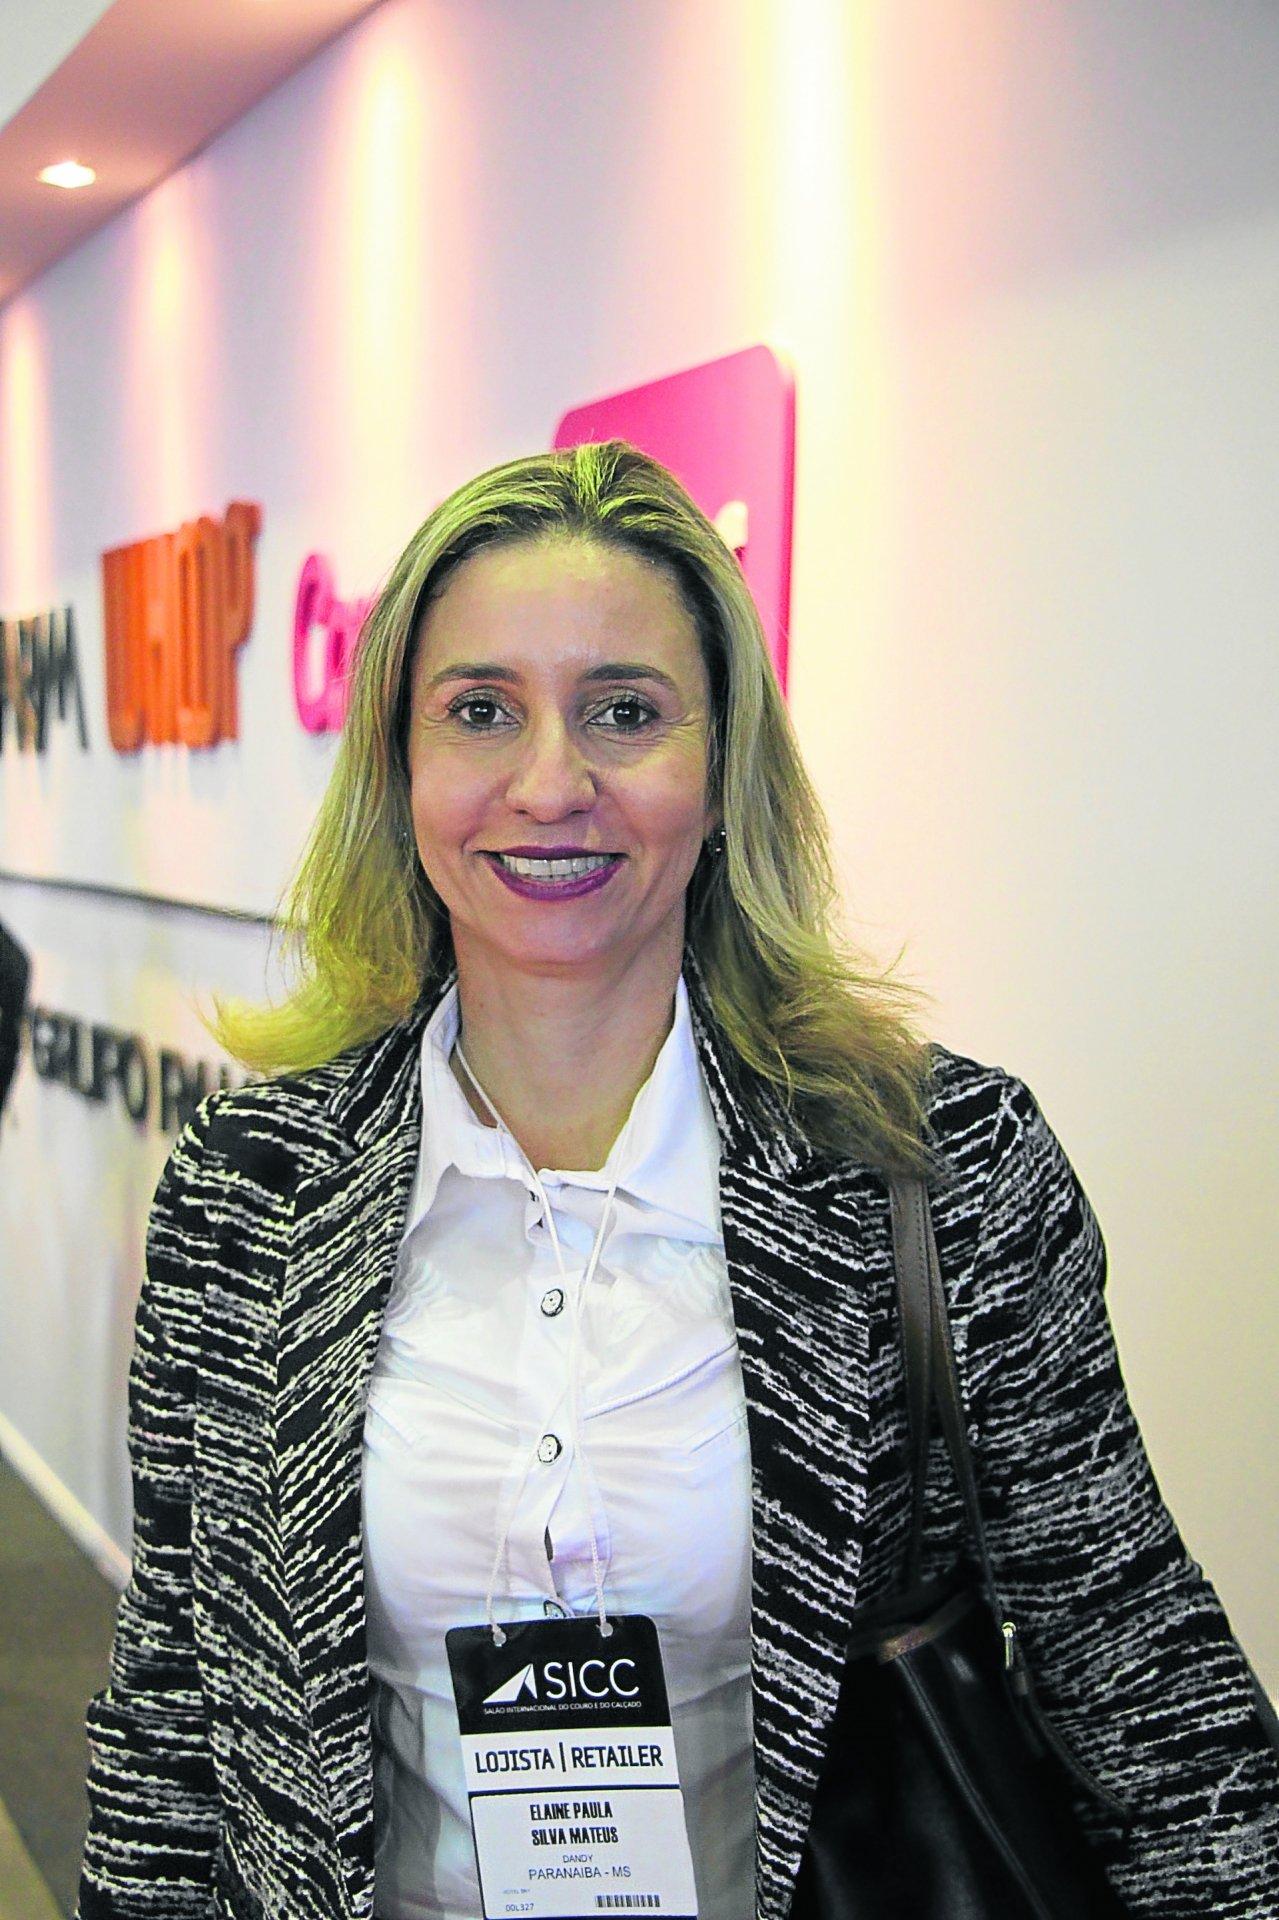 Elaine Paula da Silva Mateus (Danty Calçados)